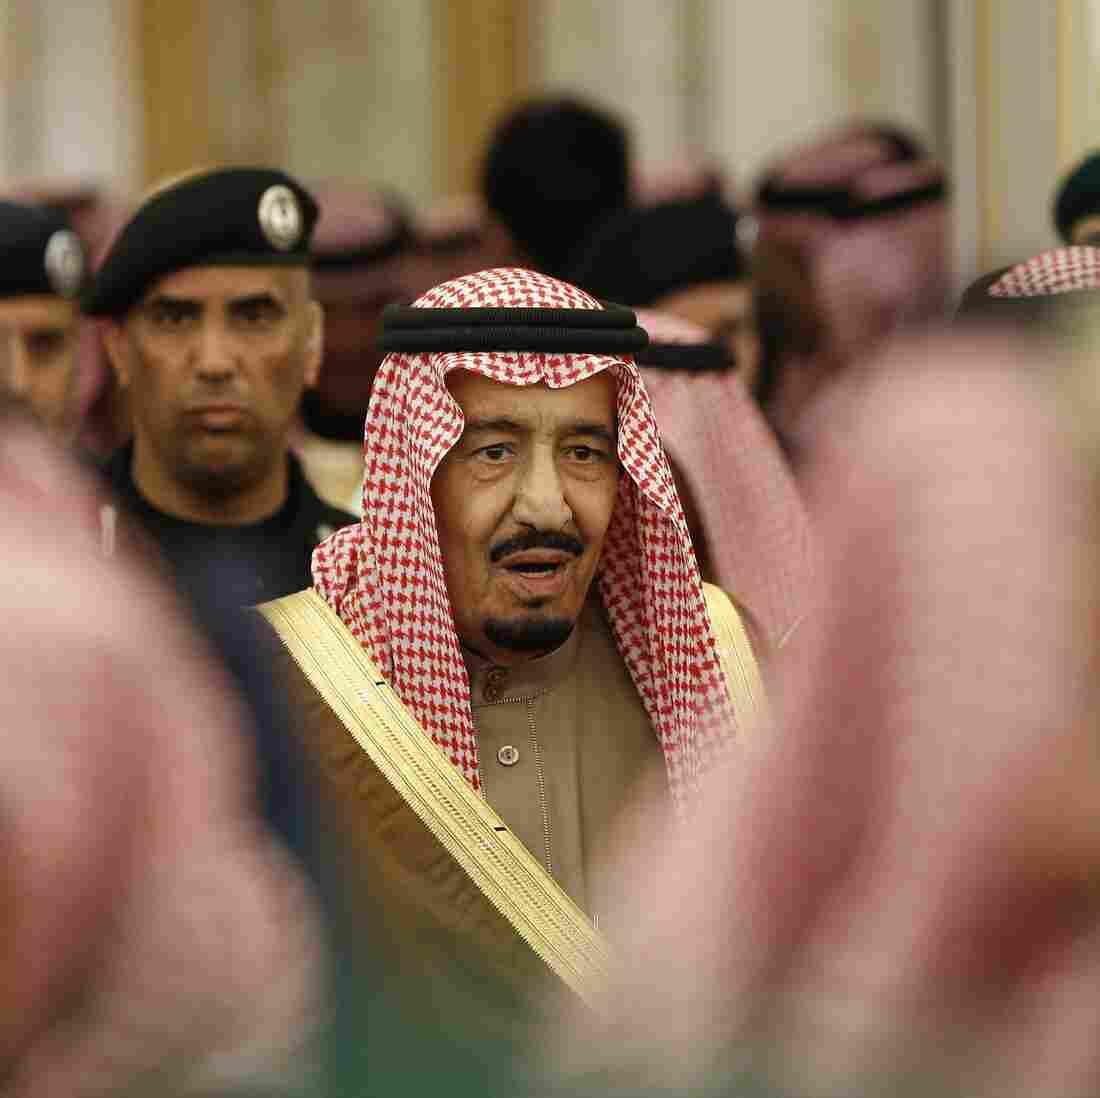 Saudi King Won't Attend Camp David Summit